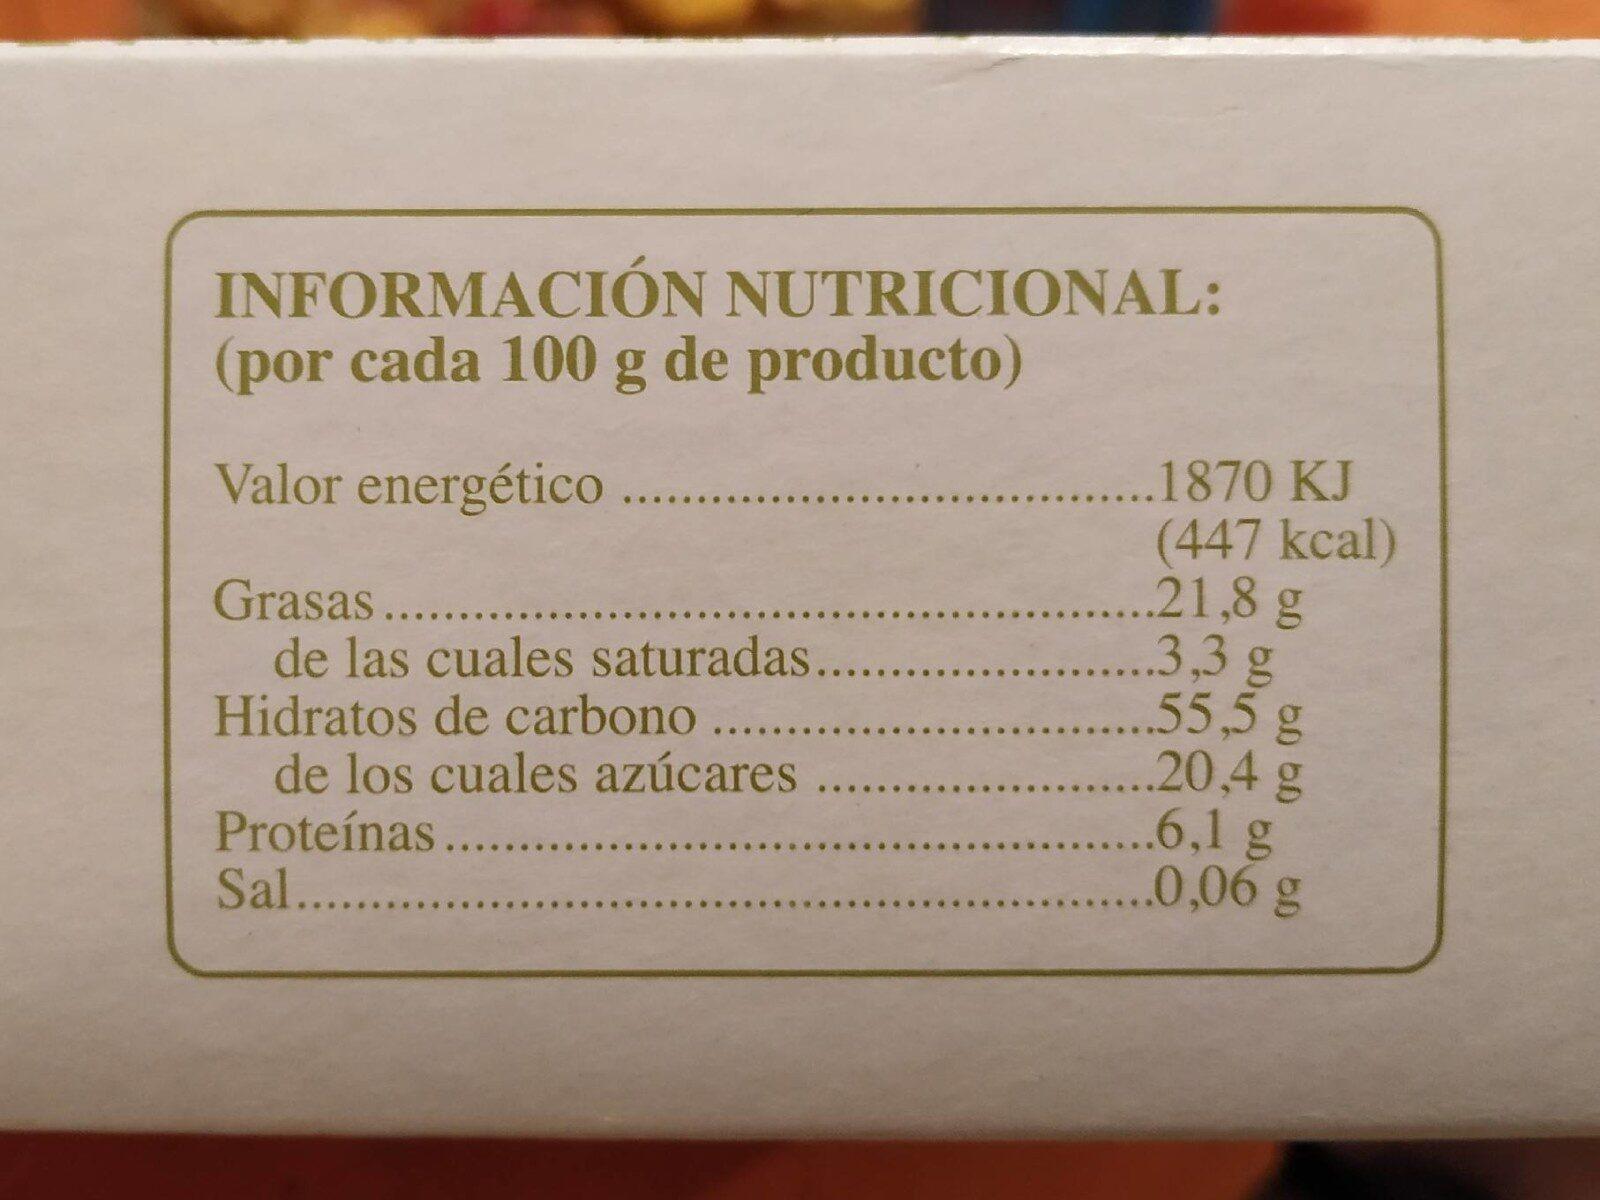 Pastas de romero - Nutrition facts - es